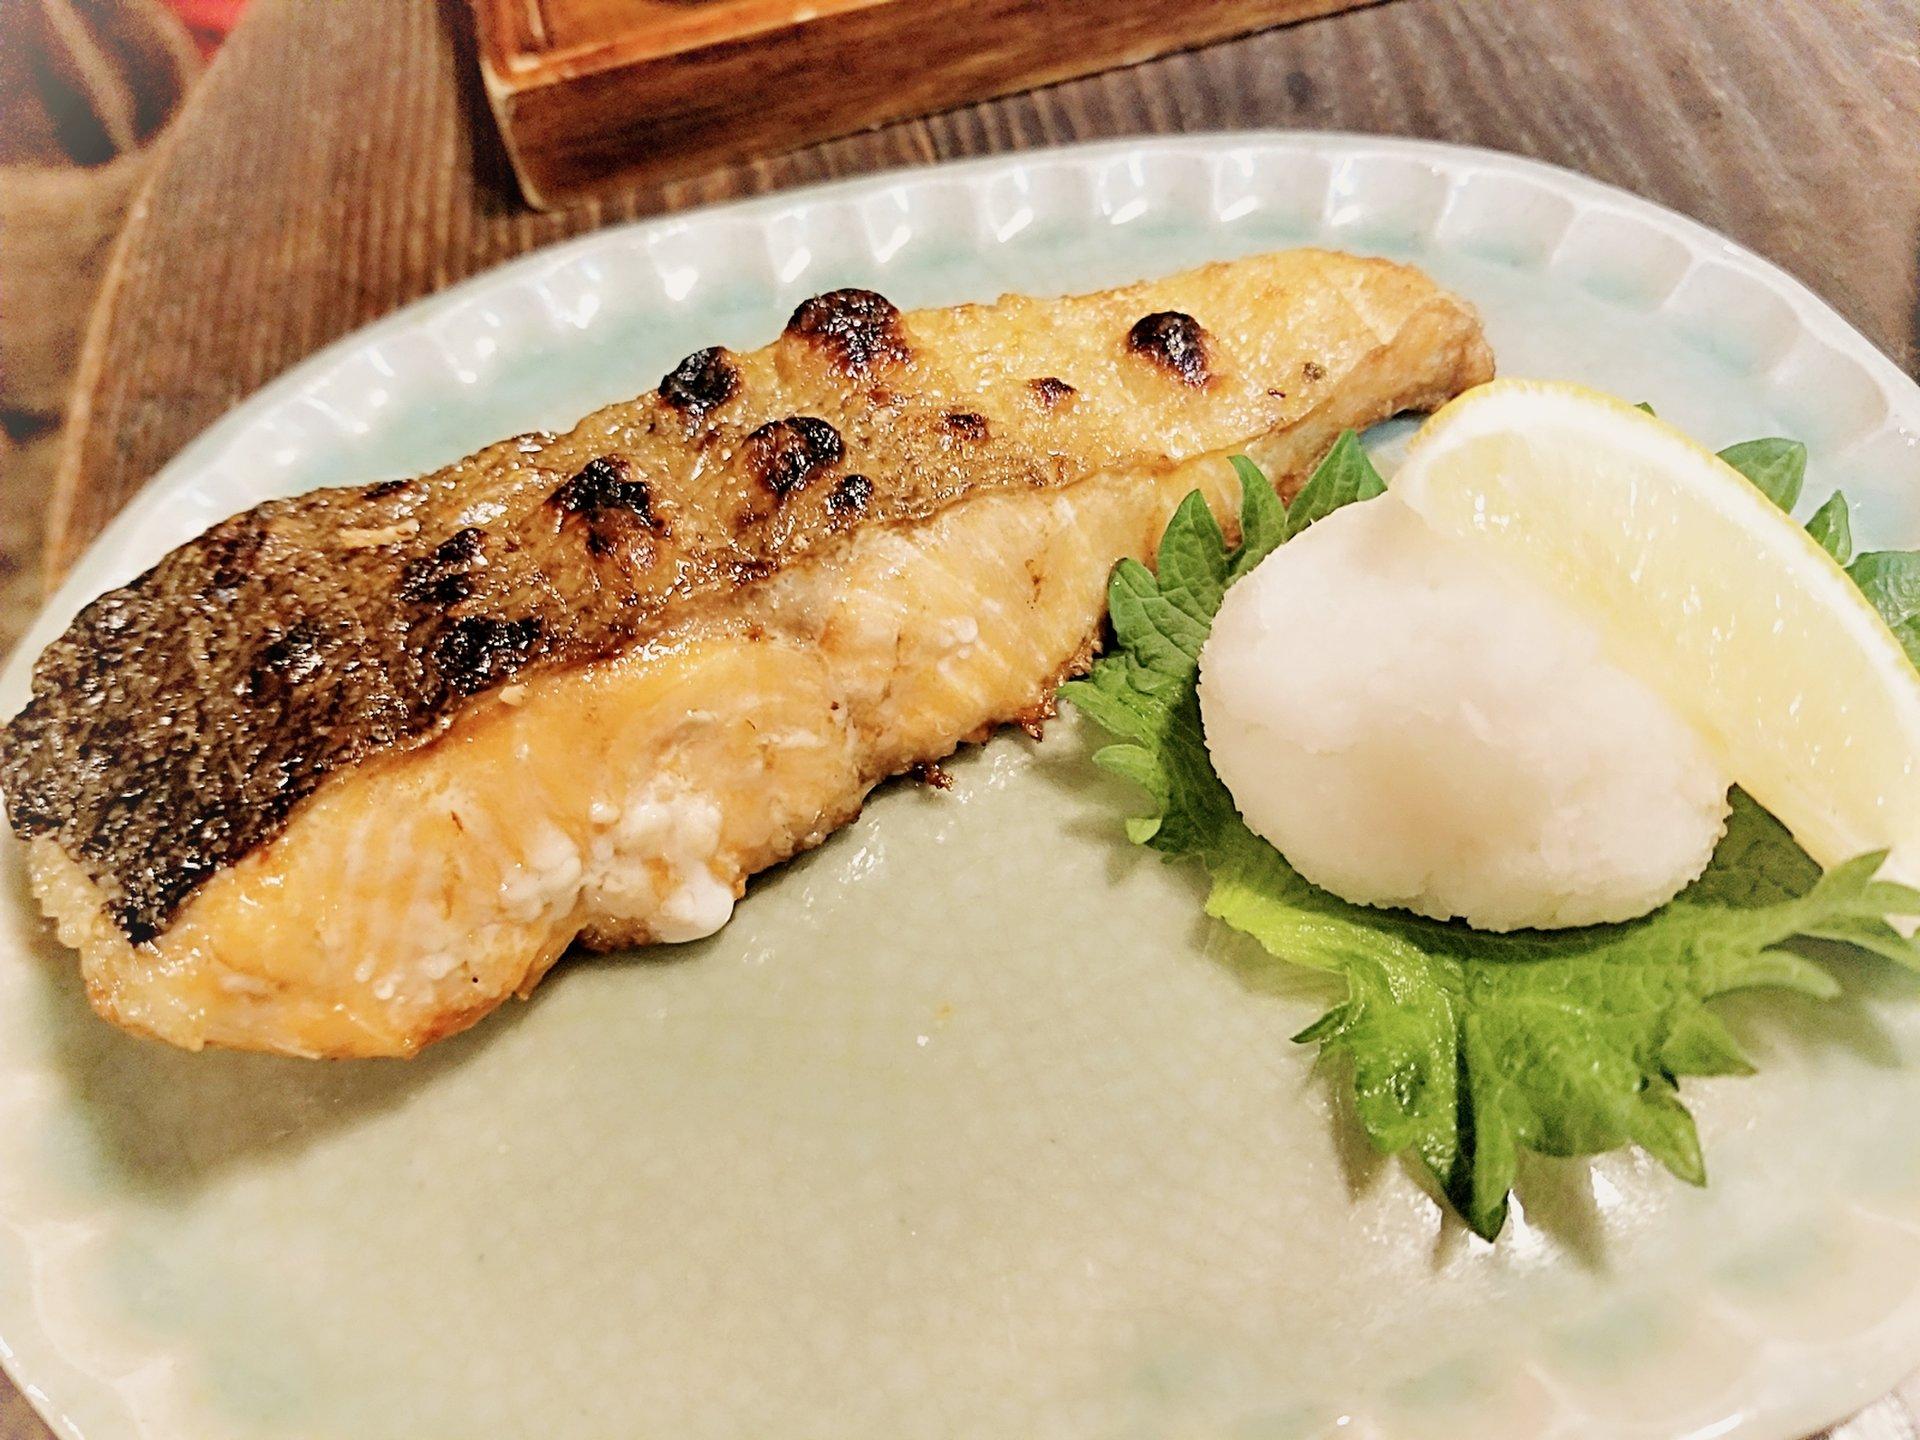 【予約必須】極上の時鮭専門店!代田橋にある隠れた名店「しゃけ小島」